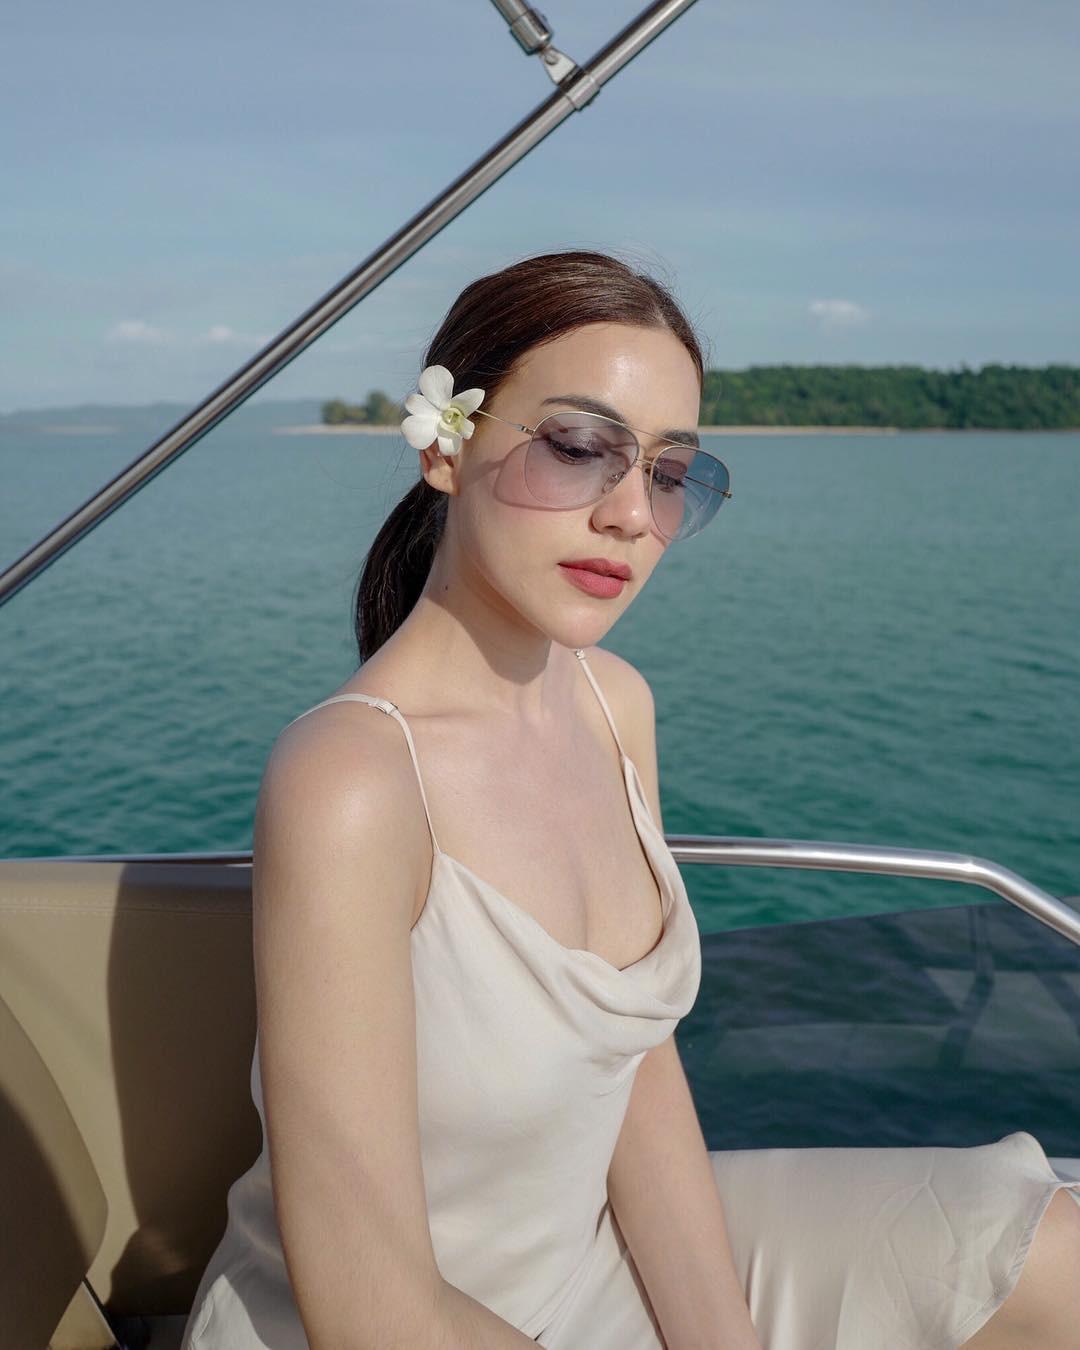 Top 10 mỹ nhân đẹp nhất đài truyền hình quyền lực Thái Lan: Toàn 9X đắt giá nhưng vẫn bị chị đại quyền lực vượt mặt - Ảnh 18.